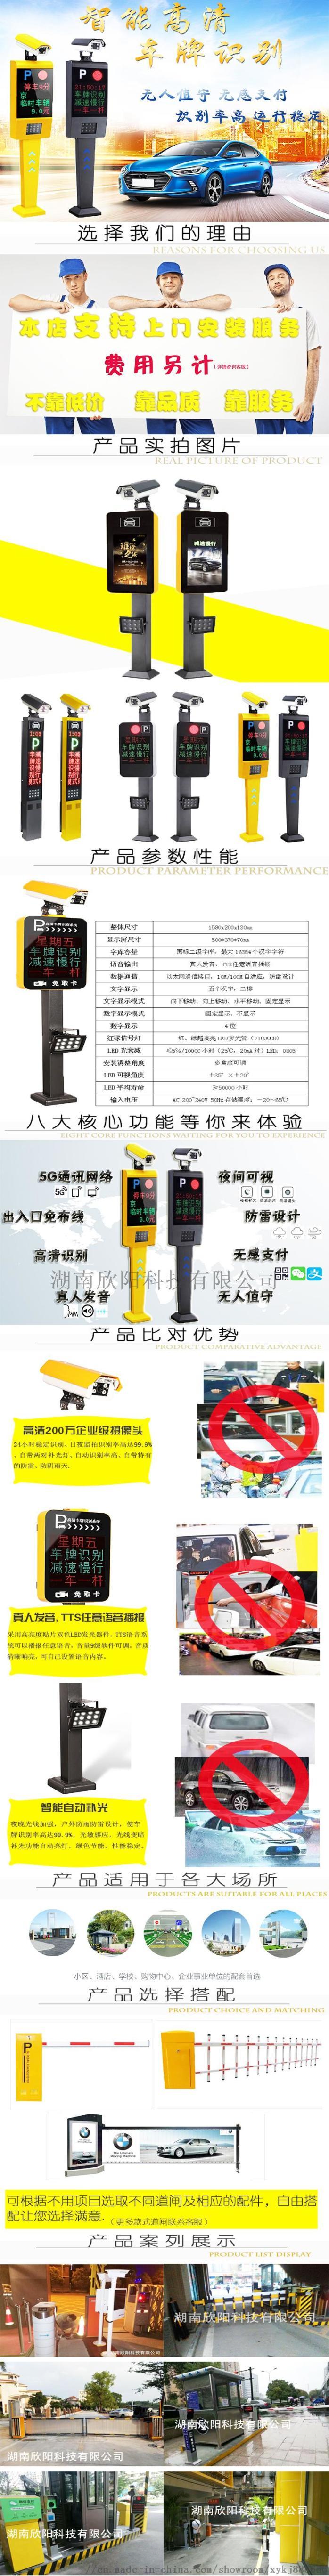 长沙车牌识别停车管理系统车牌广告一体机114175235